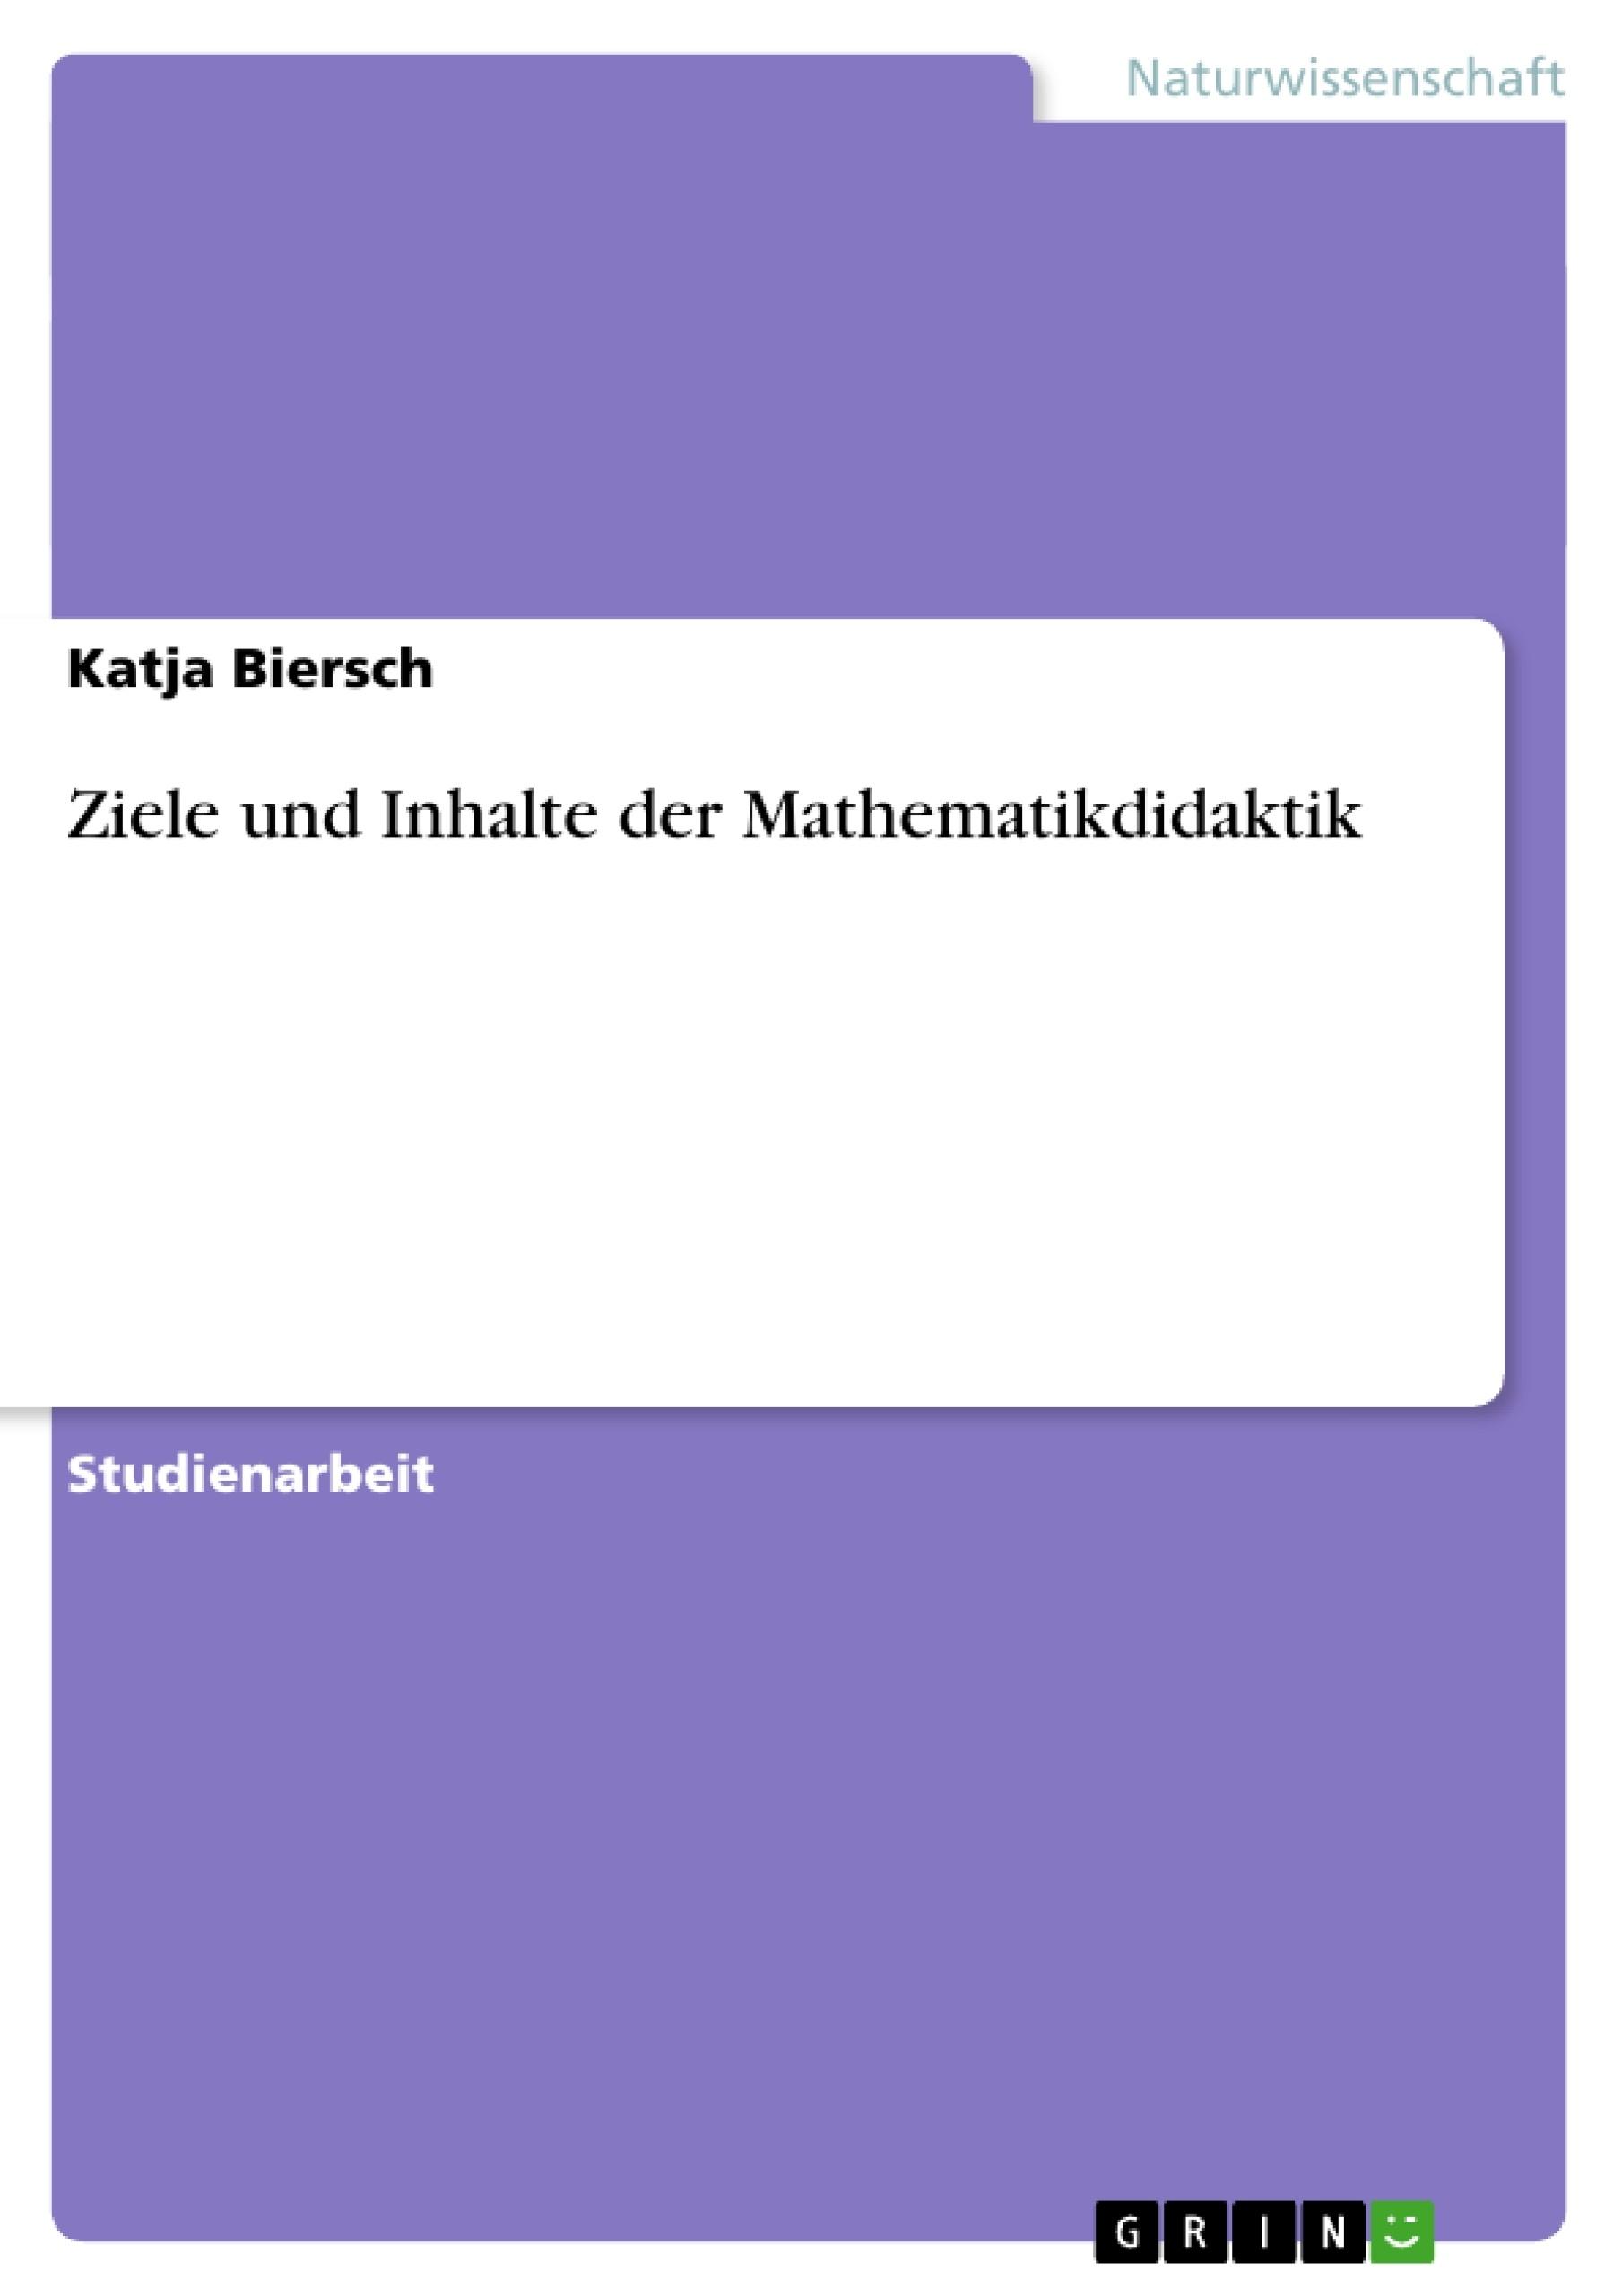 Titel: Ziele und Inhalte der Mathematikdidaktik